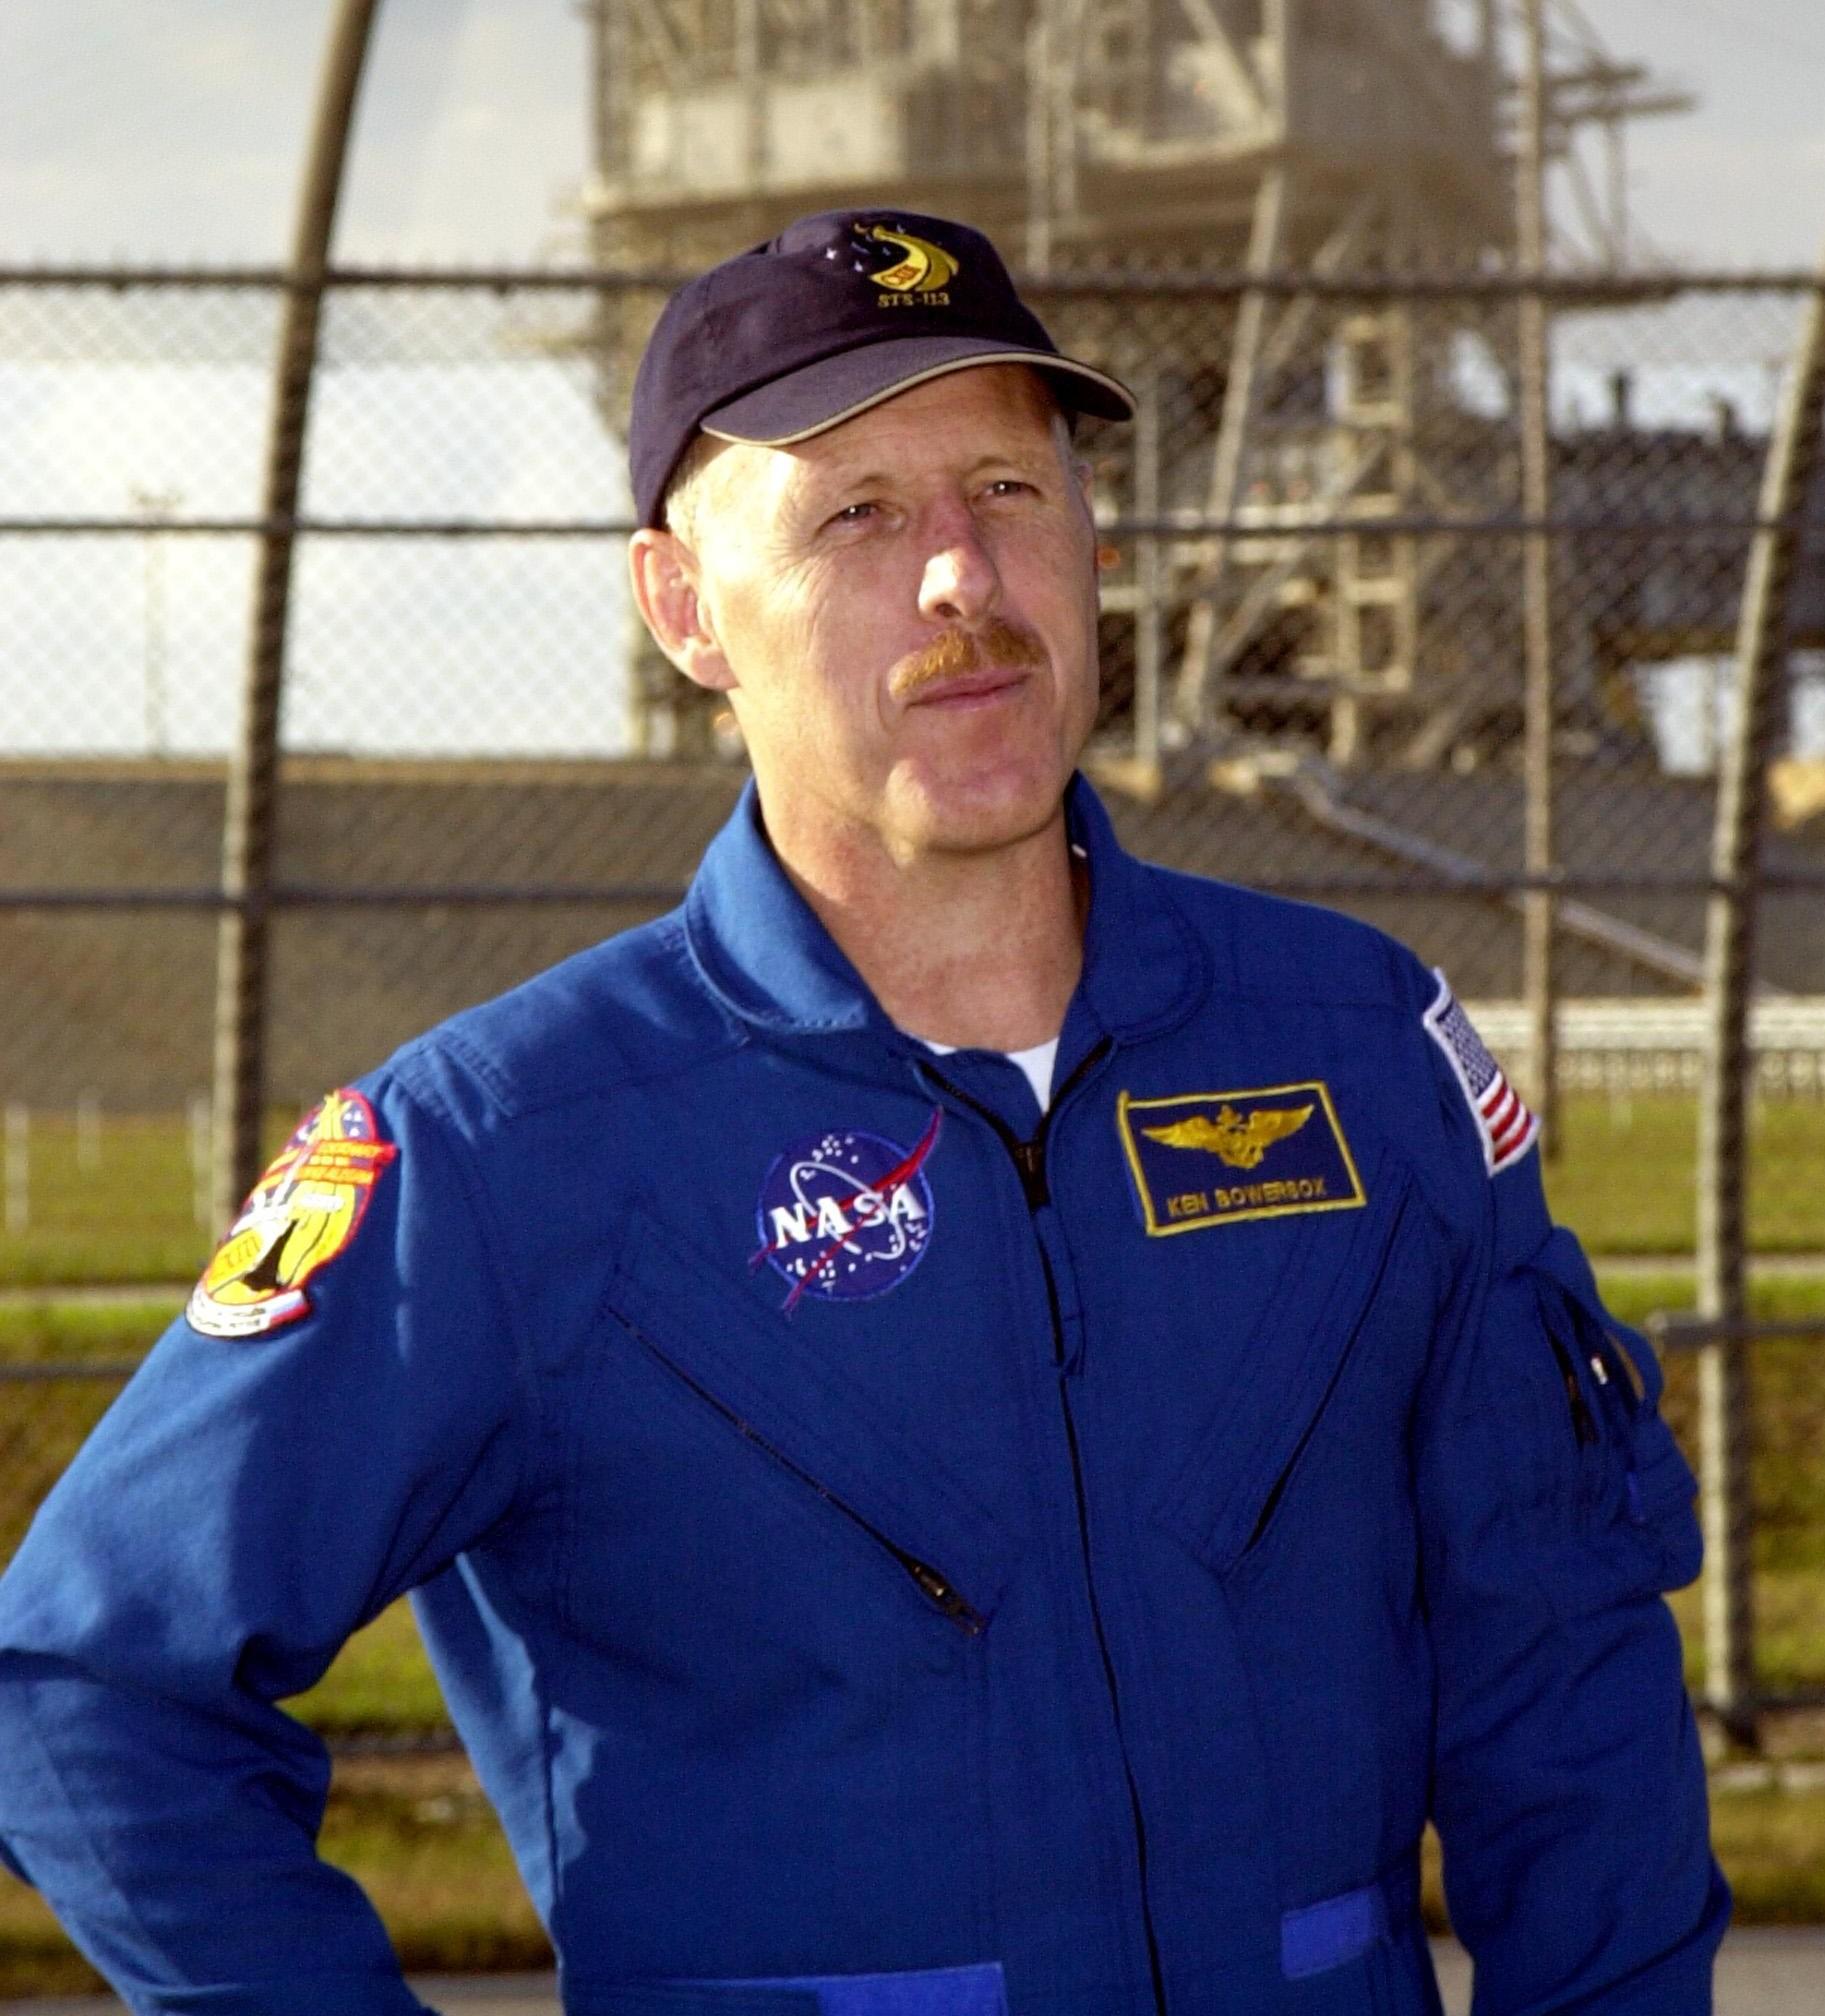 nasa astronaut flight suit - photo #32